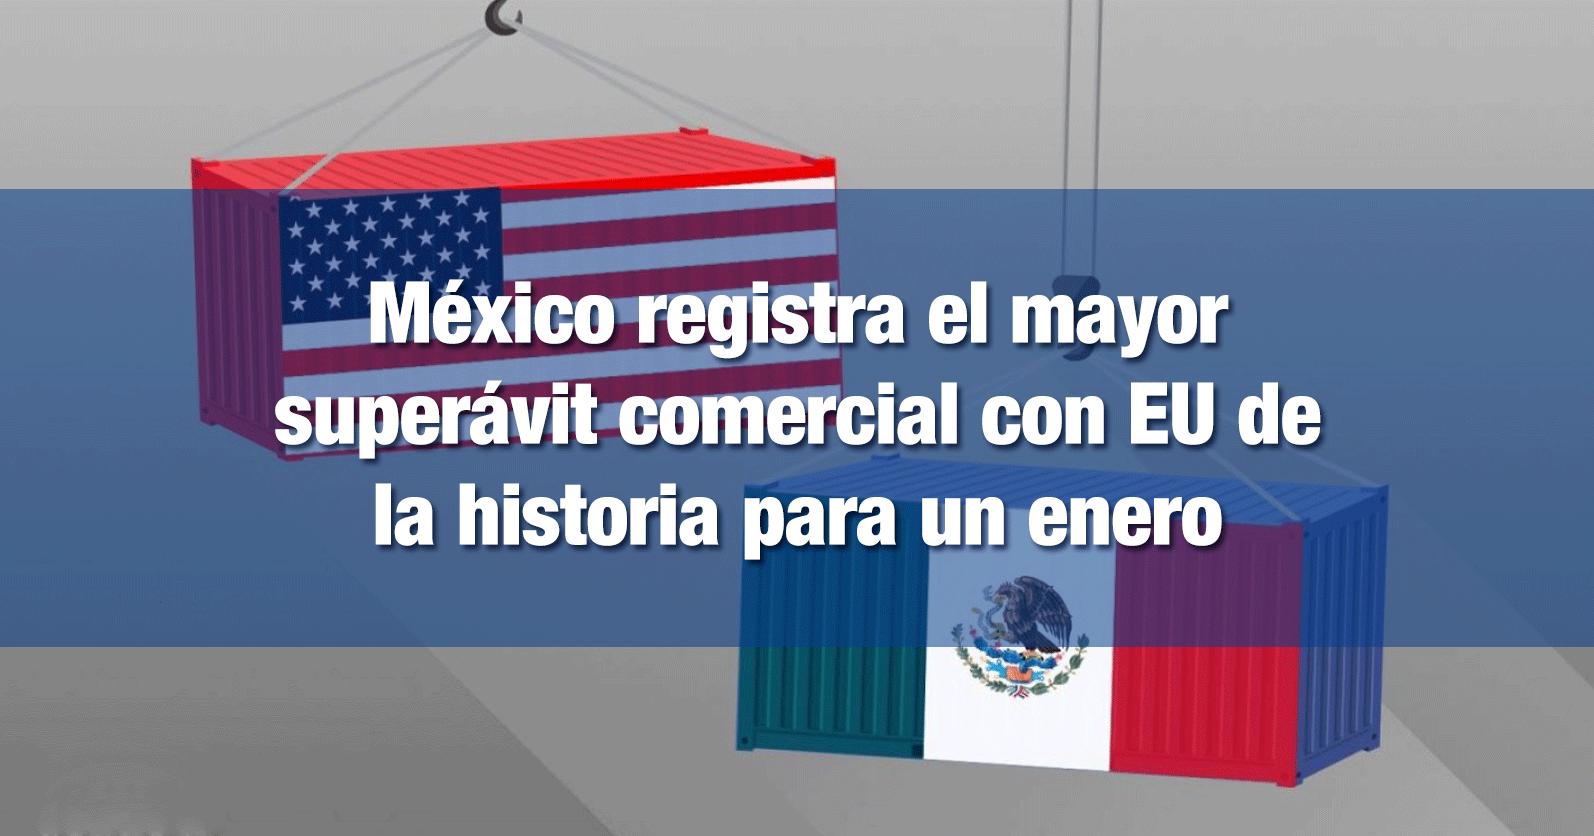 México registra el mayor superávit comercial con EU de la historia para un enero